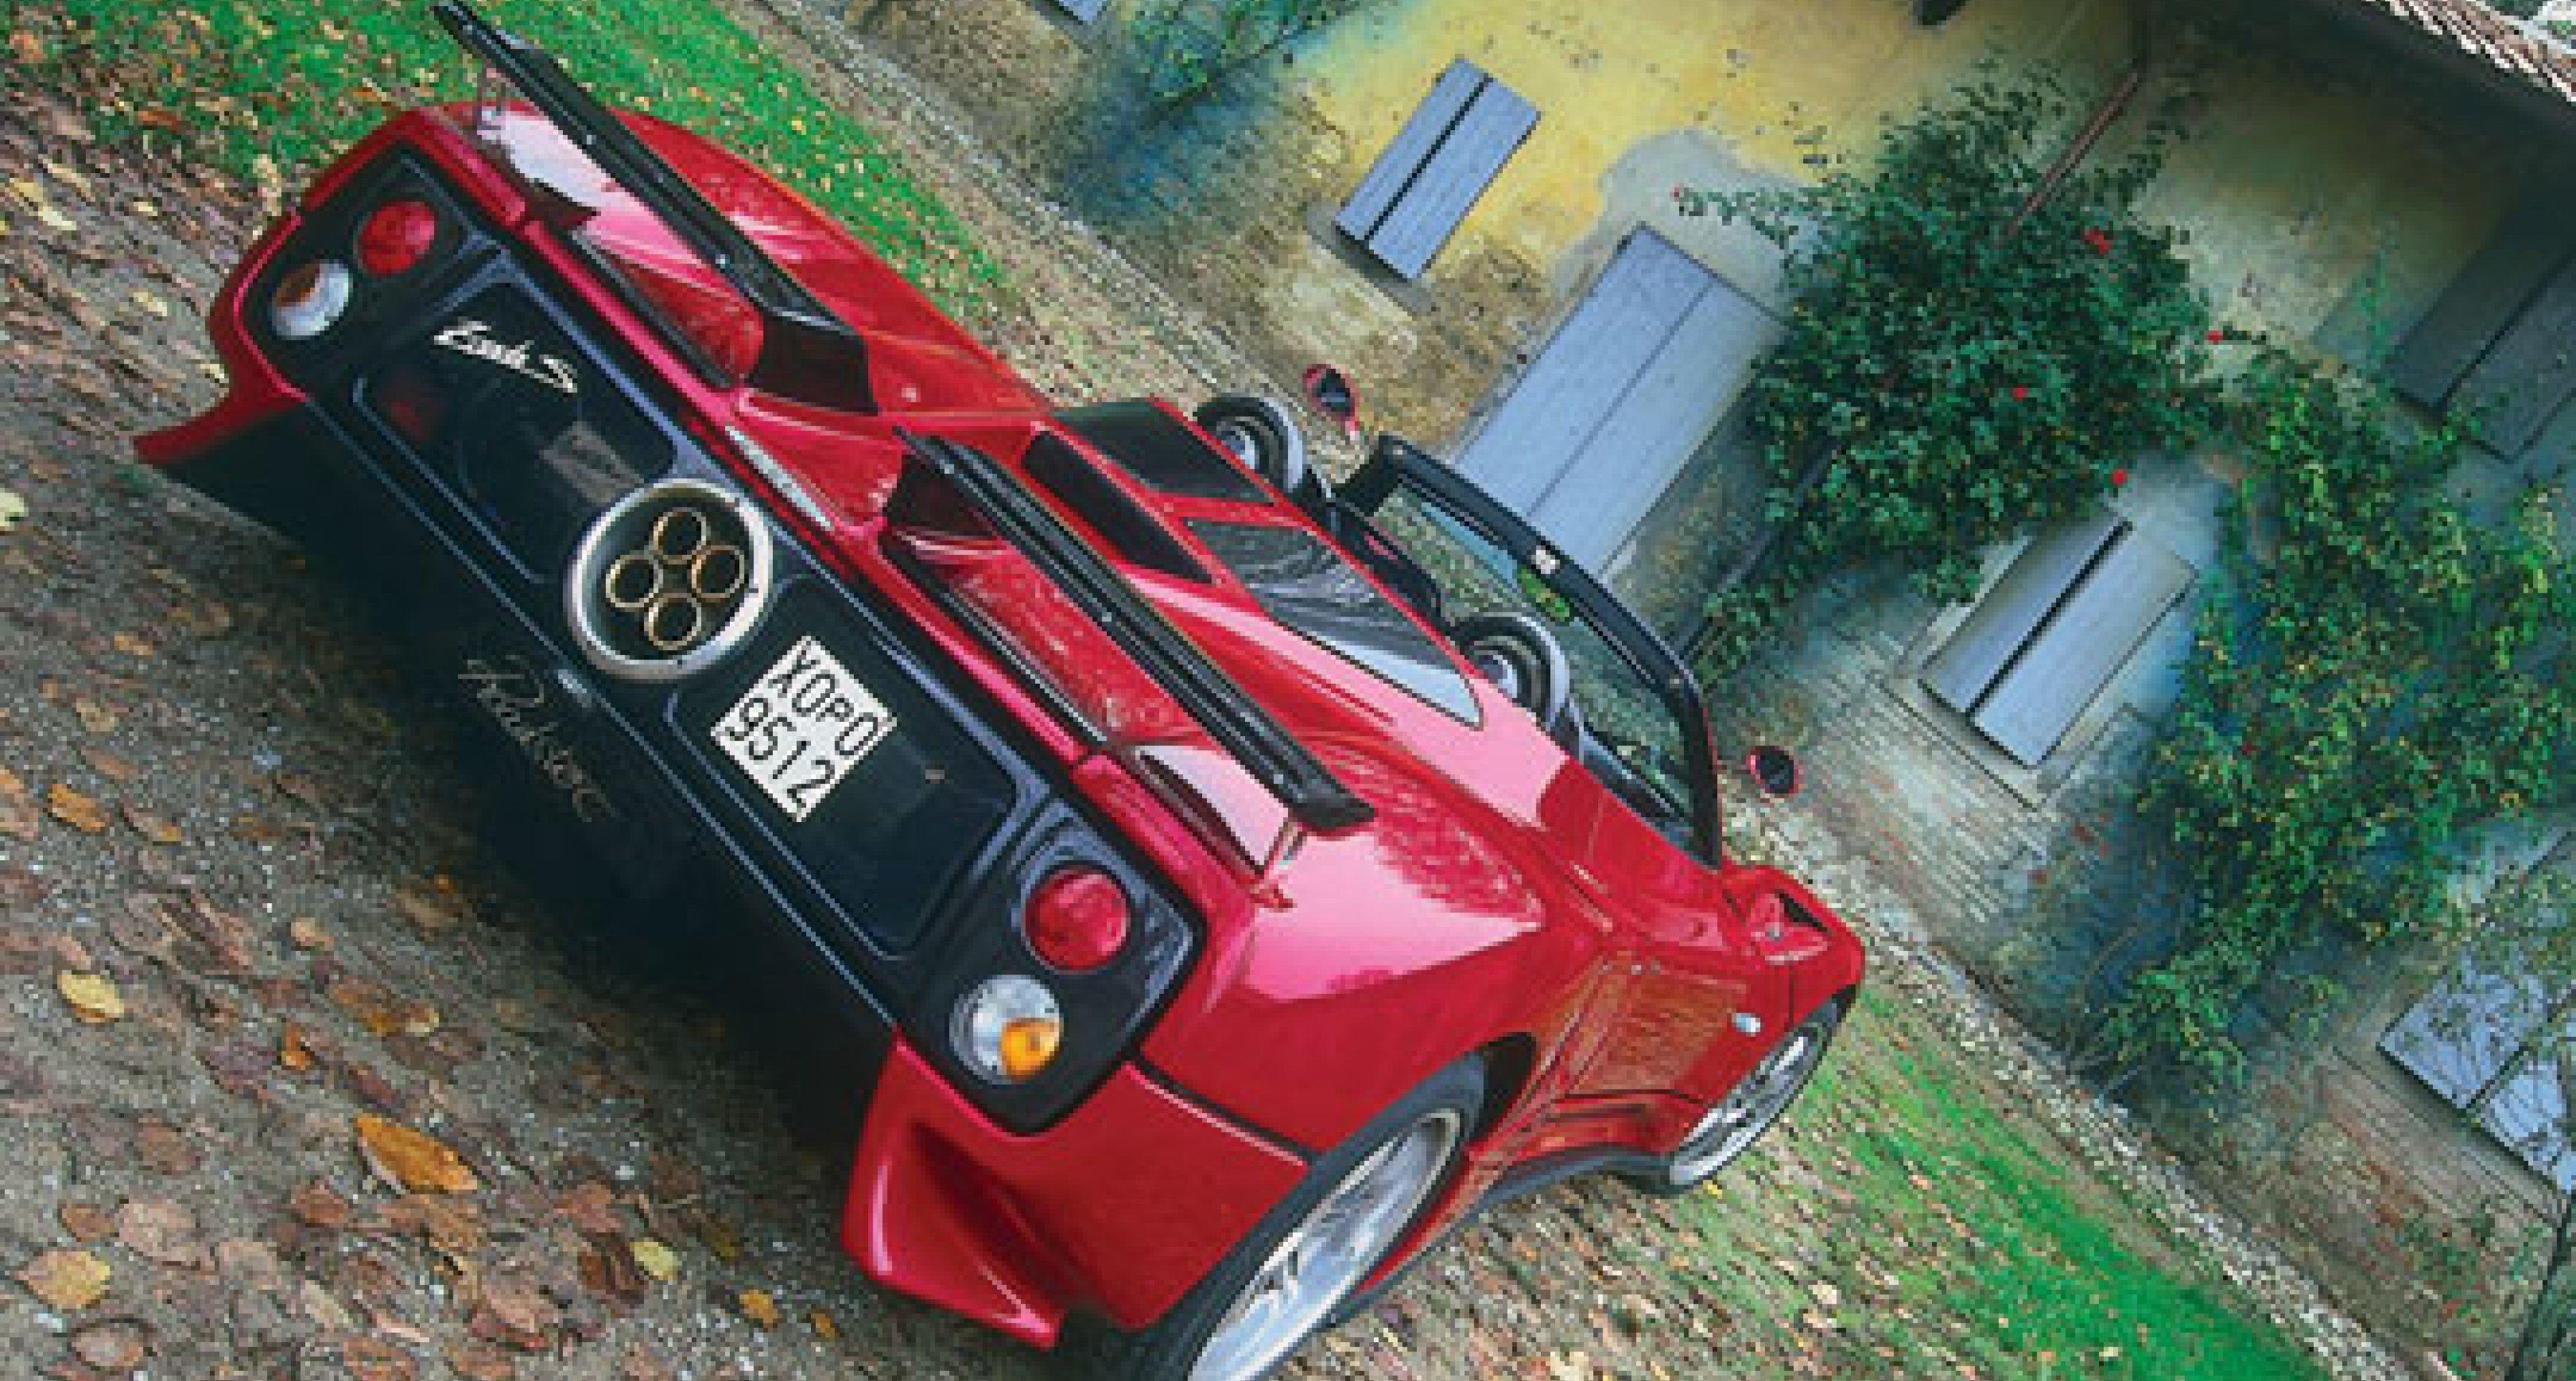 Pagani Zonda S7.3 Roadster